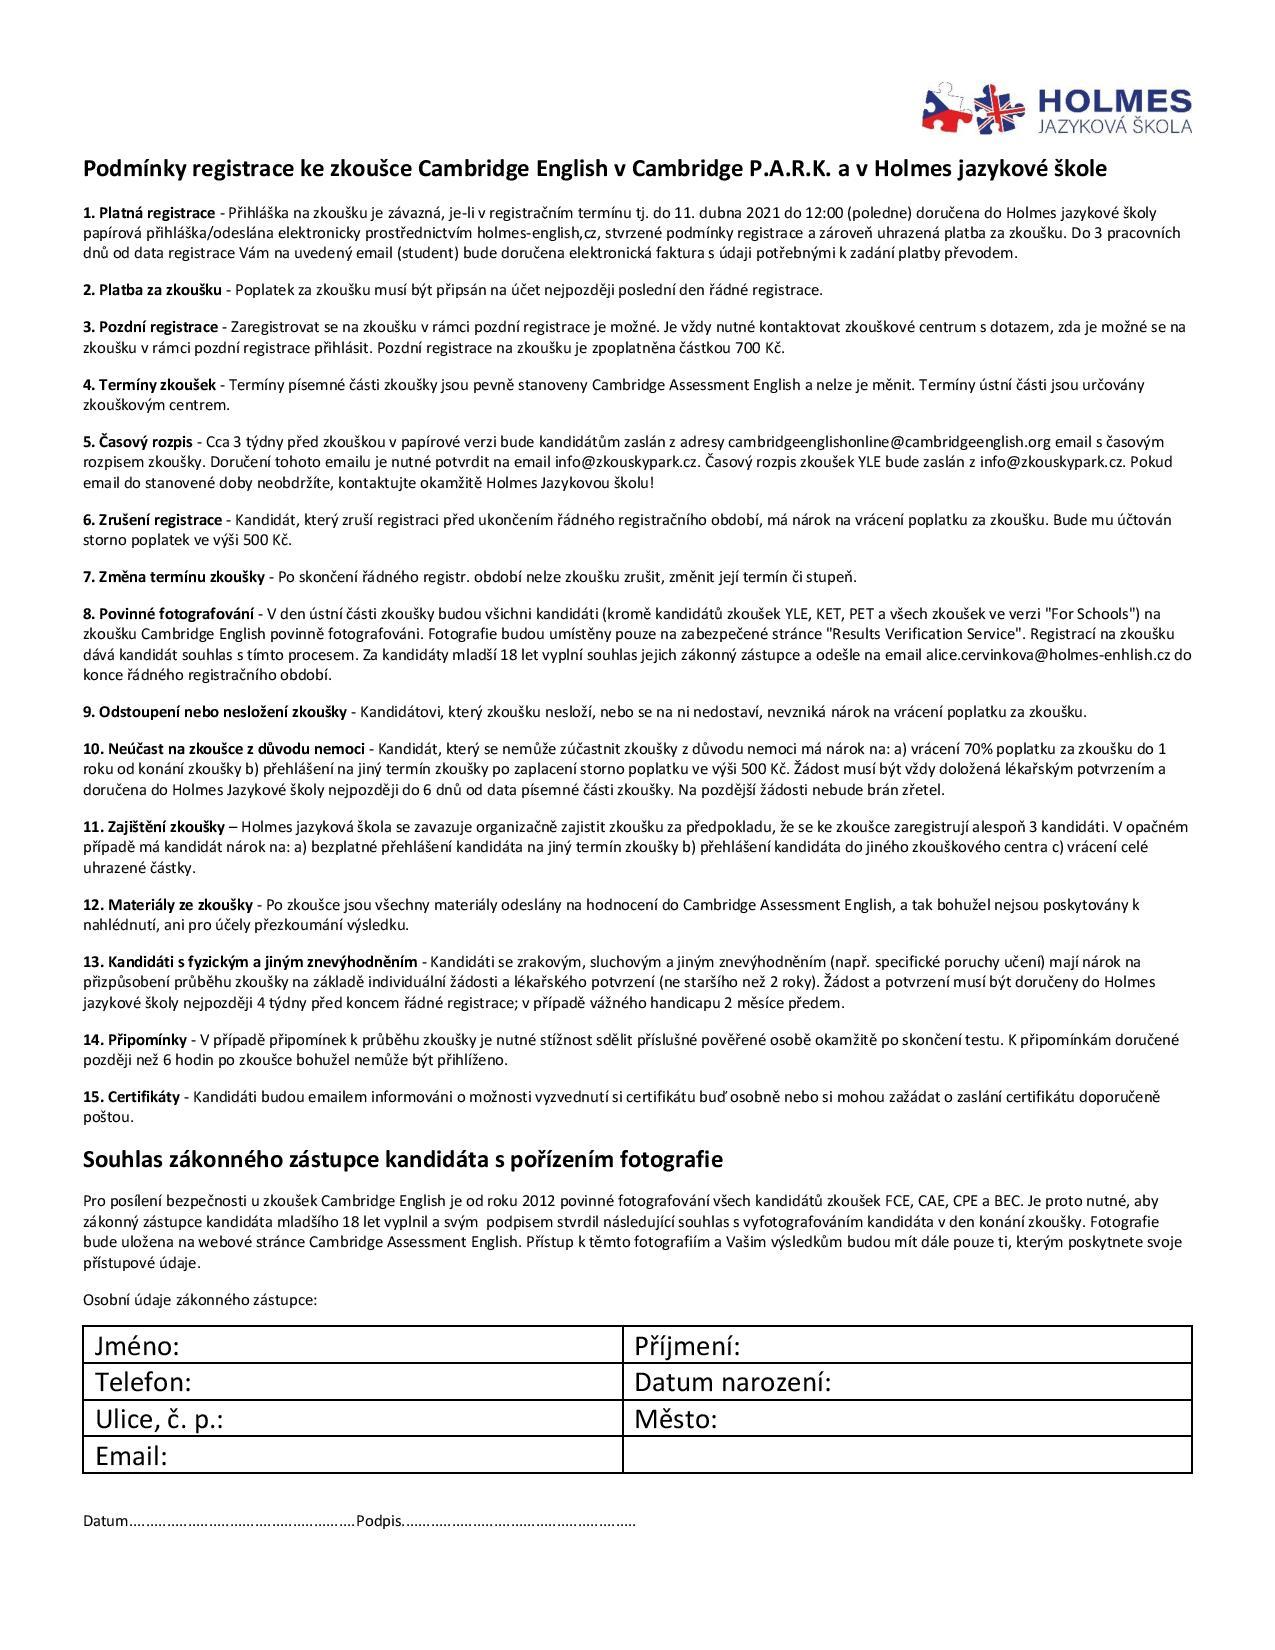 Závazná přihláška ke Cambridge zkouškám 05 21-page-002